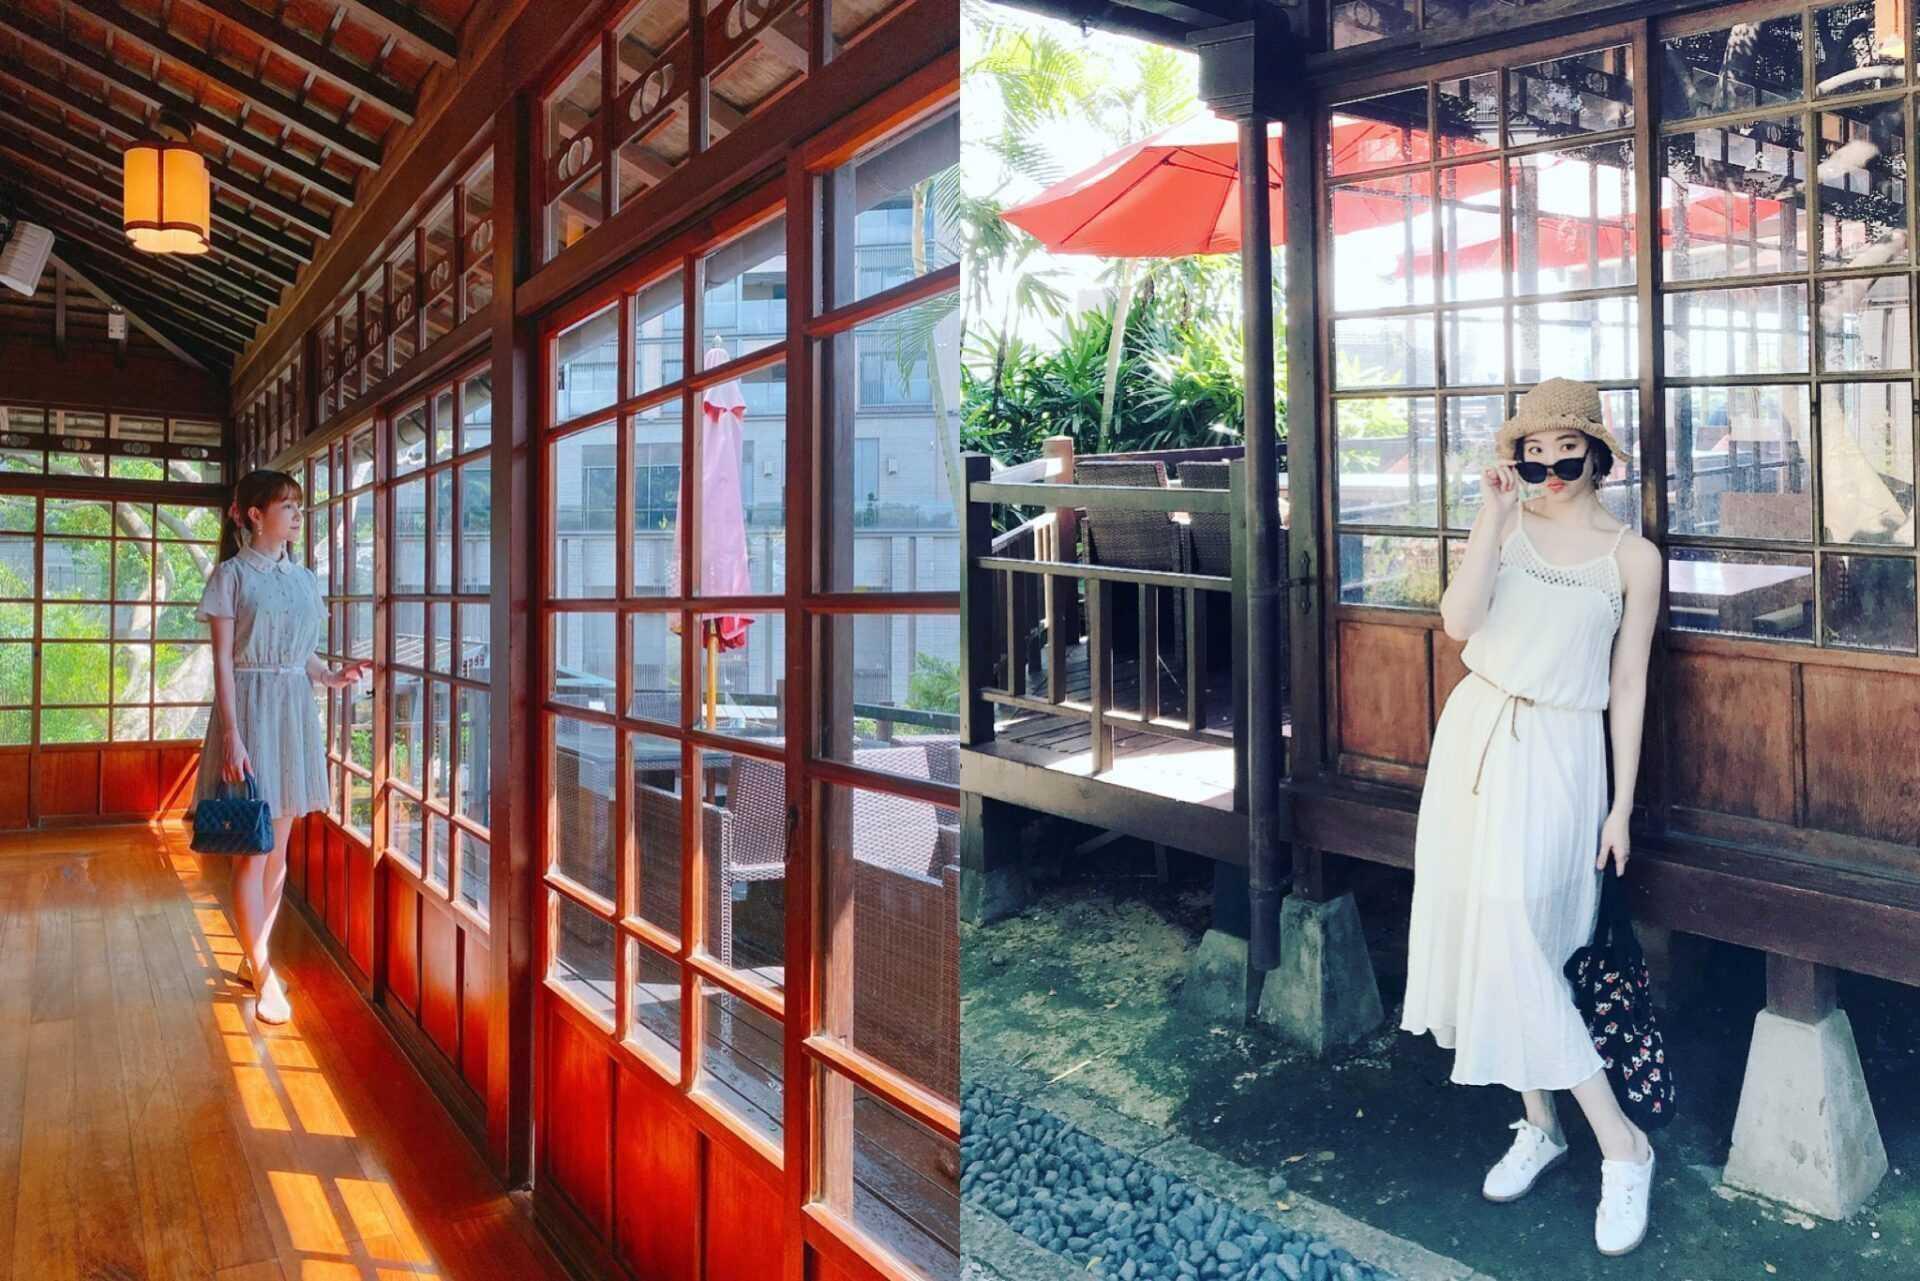 北投文物館 | 台北日式風格建築|北投人氣景點+打卡美食一次擁有